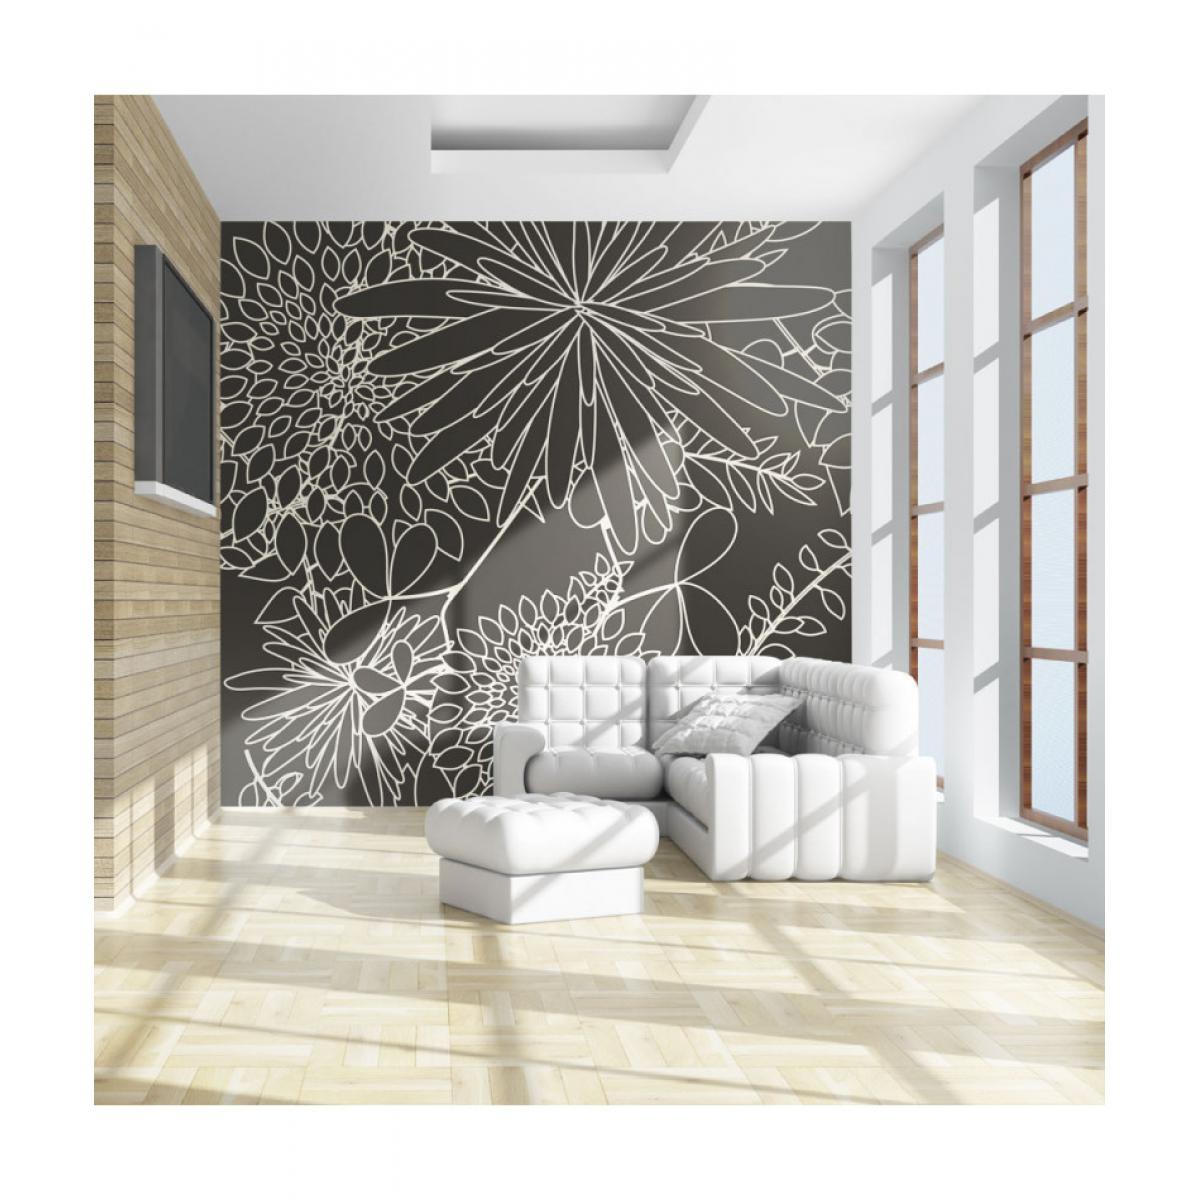 Artgeist Papier peint - Motif floral noir et blanc 350x270